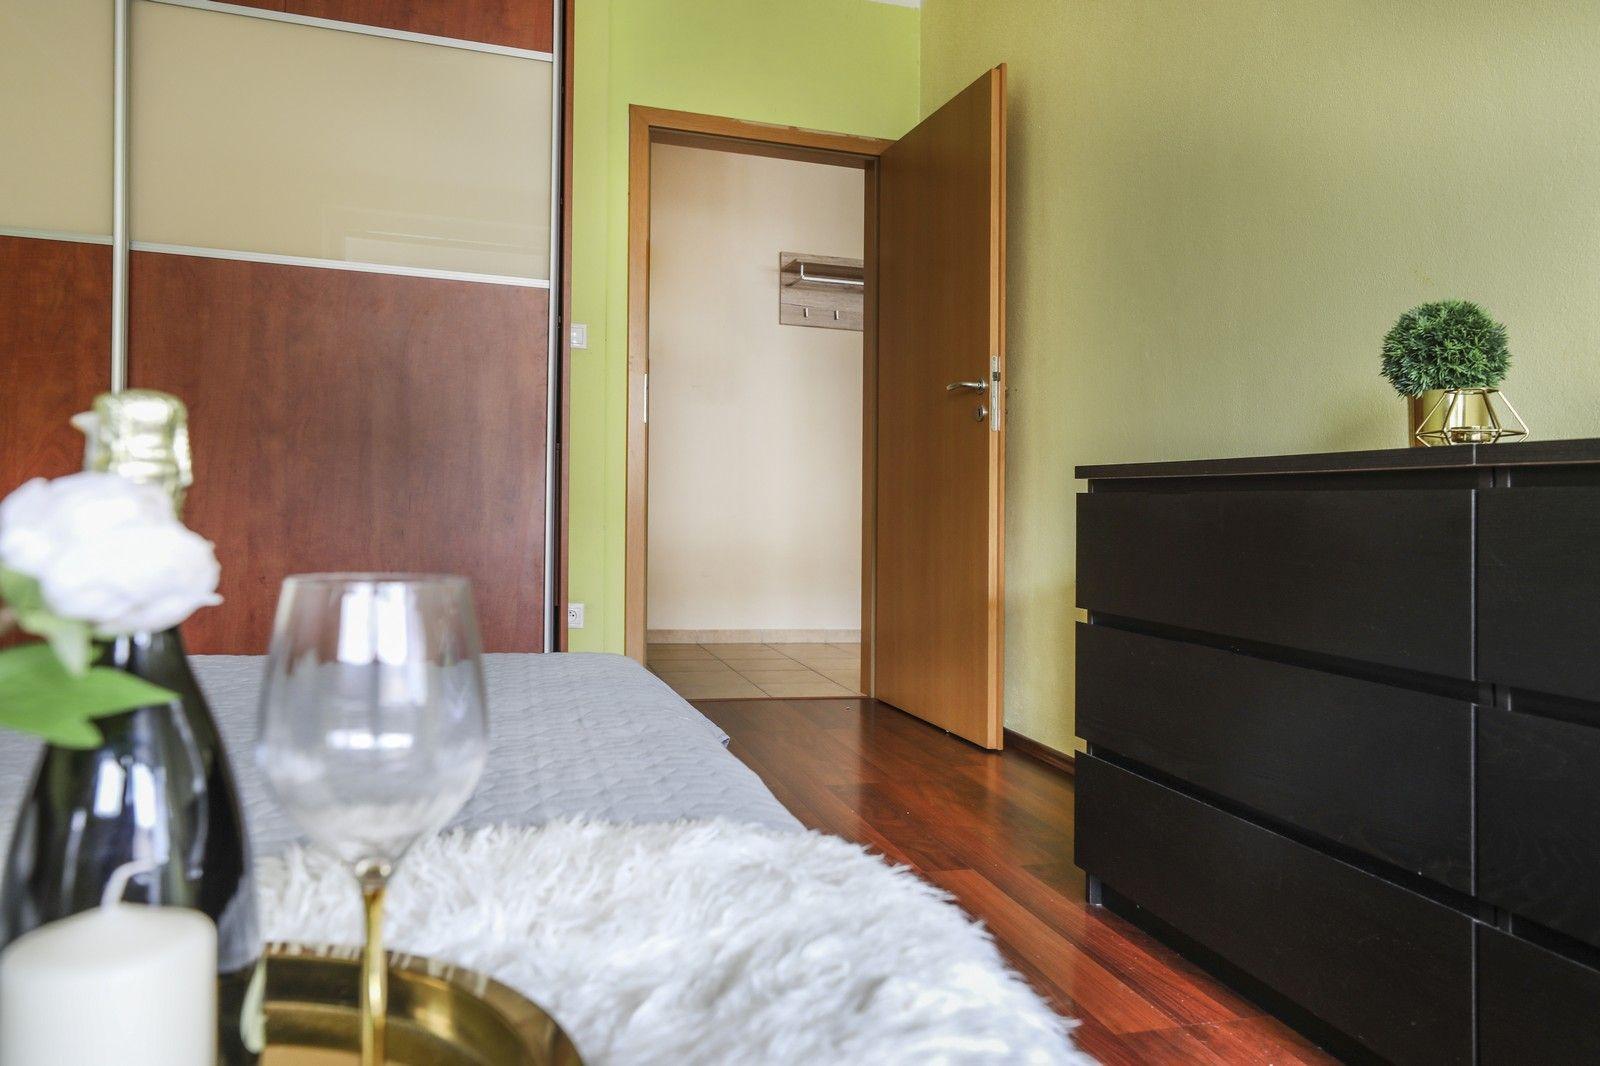 TOP - NA PRENÁJOM: 2-izbový byt kompletne zariadený s PARKOVANÍM V GARÁŽI